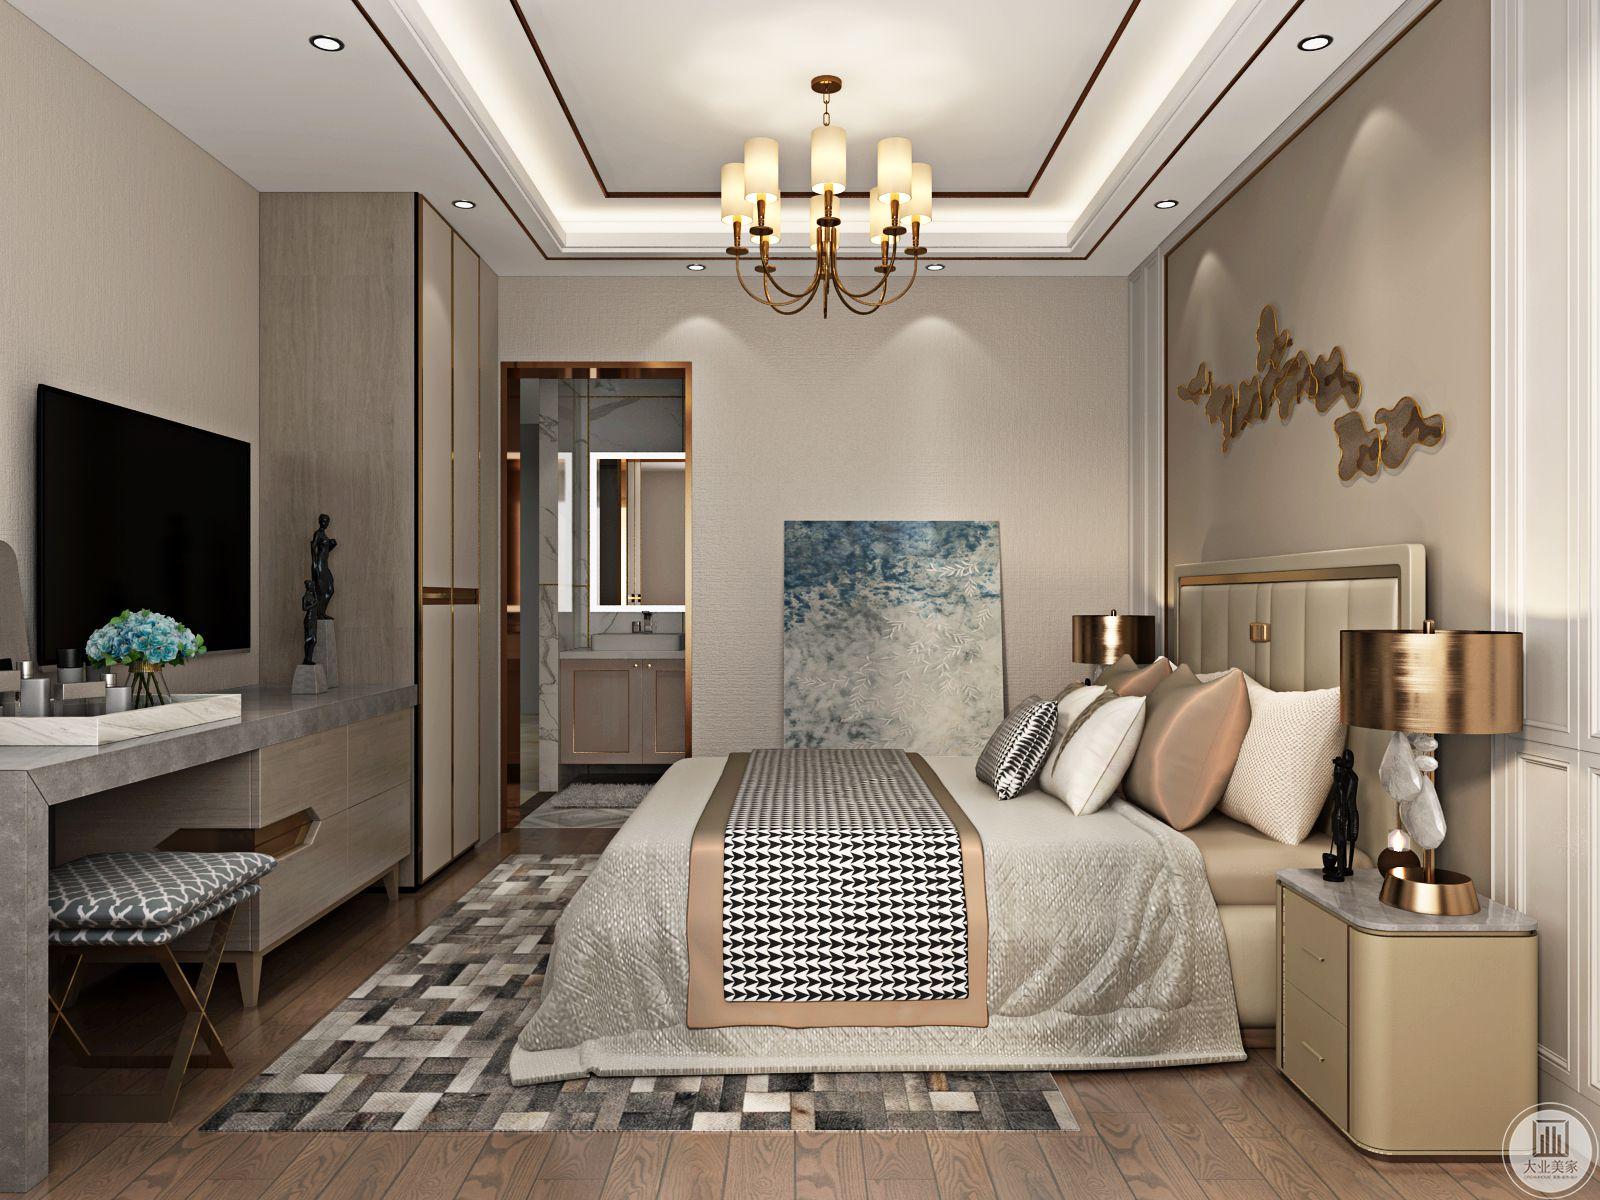 卧室的主要功能虽然是休息,但是很多时候我们会在卧室里工作阅读或者用作休闲娱乐,所以风格也很多变。